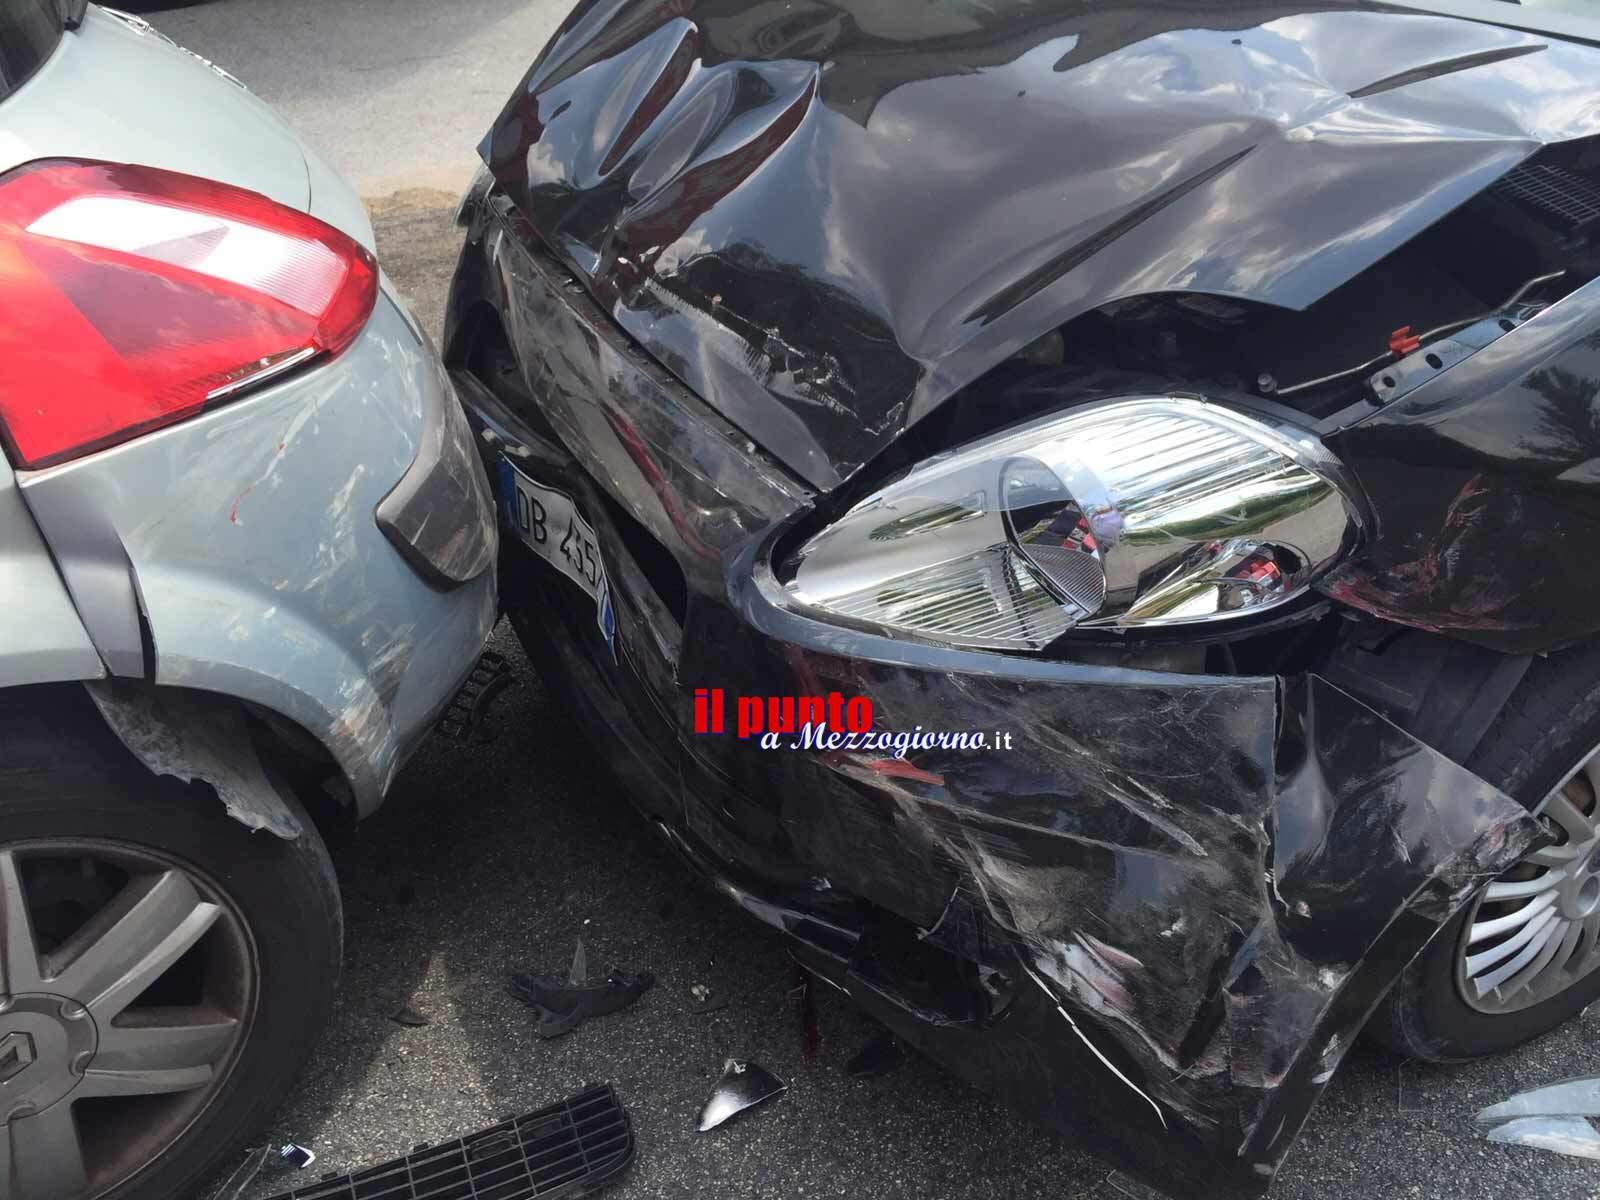 Falsi incidenti per frodare le assicurazioni, 20 misure cautelari